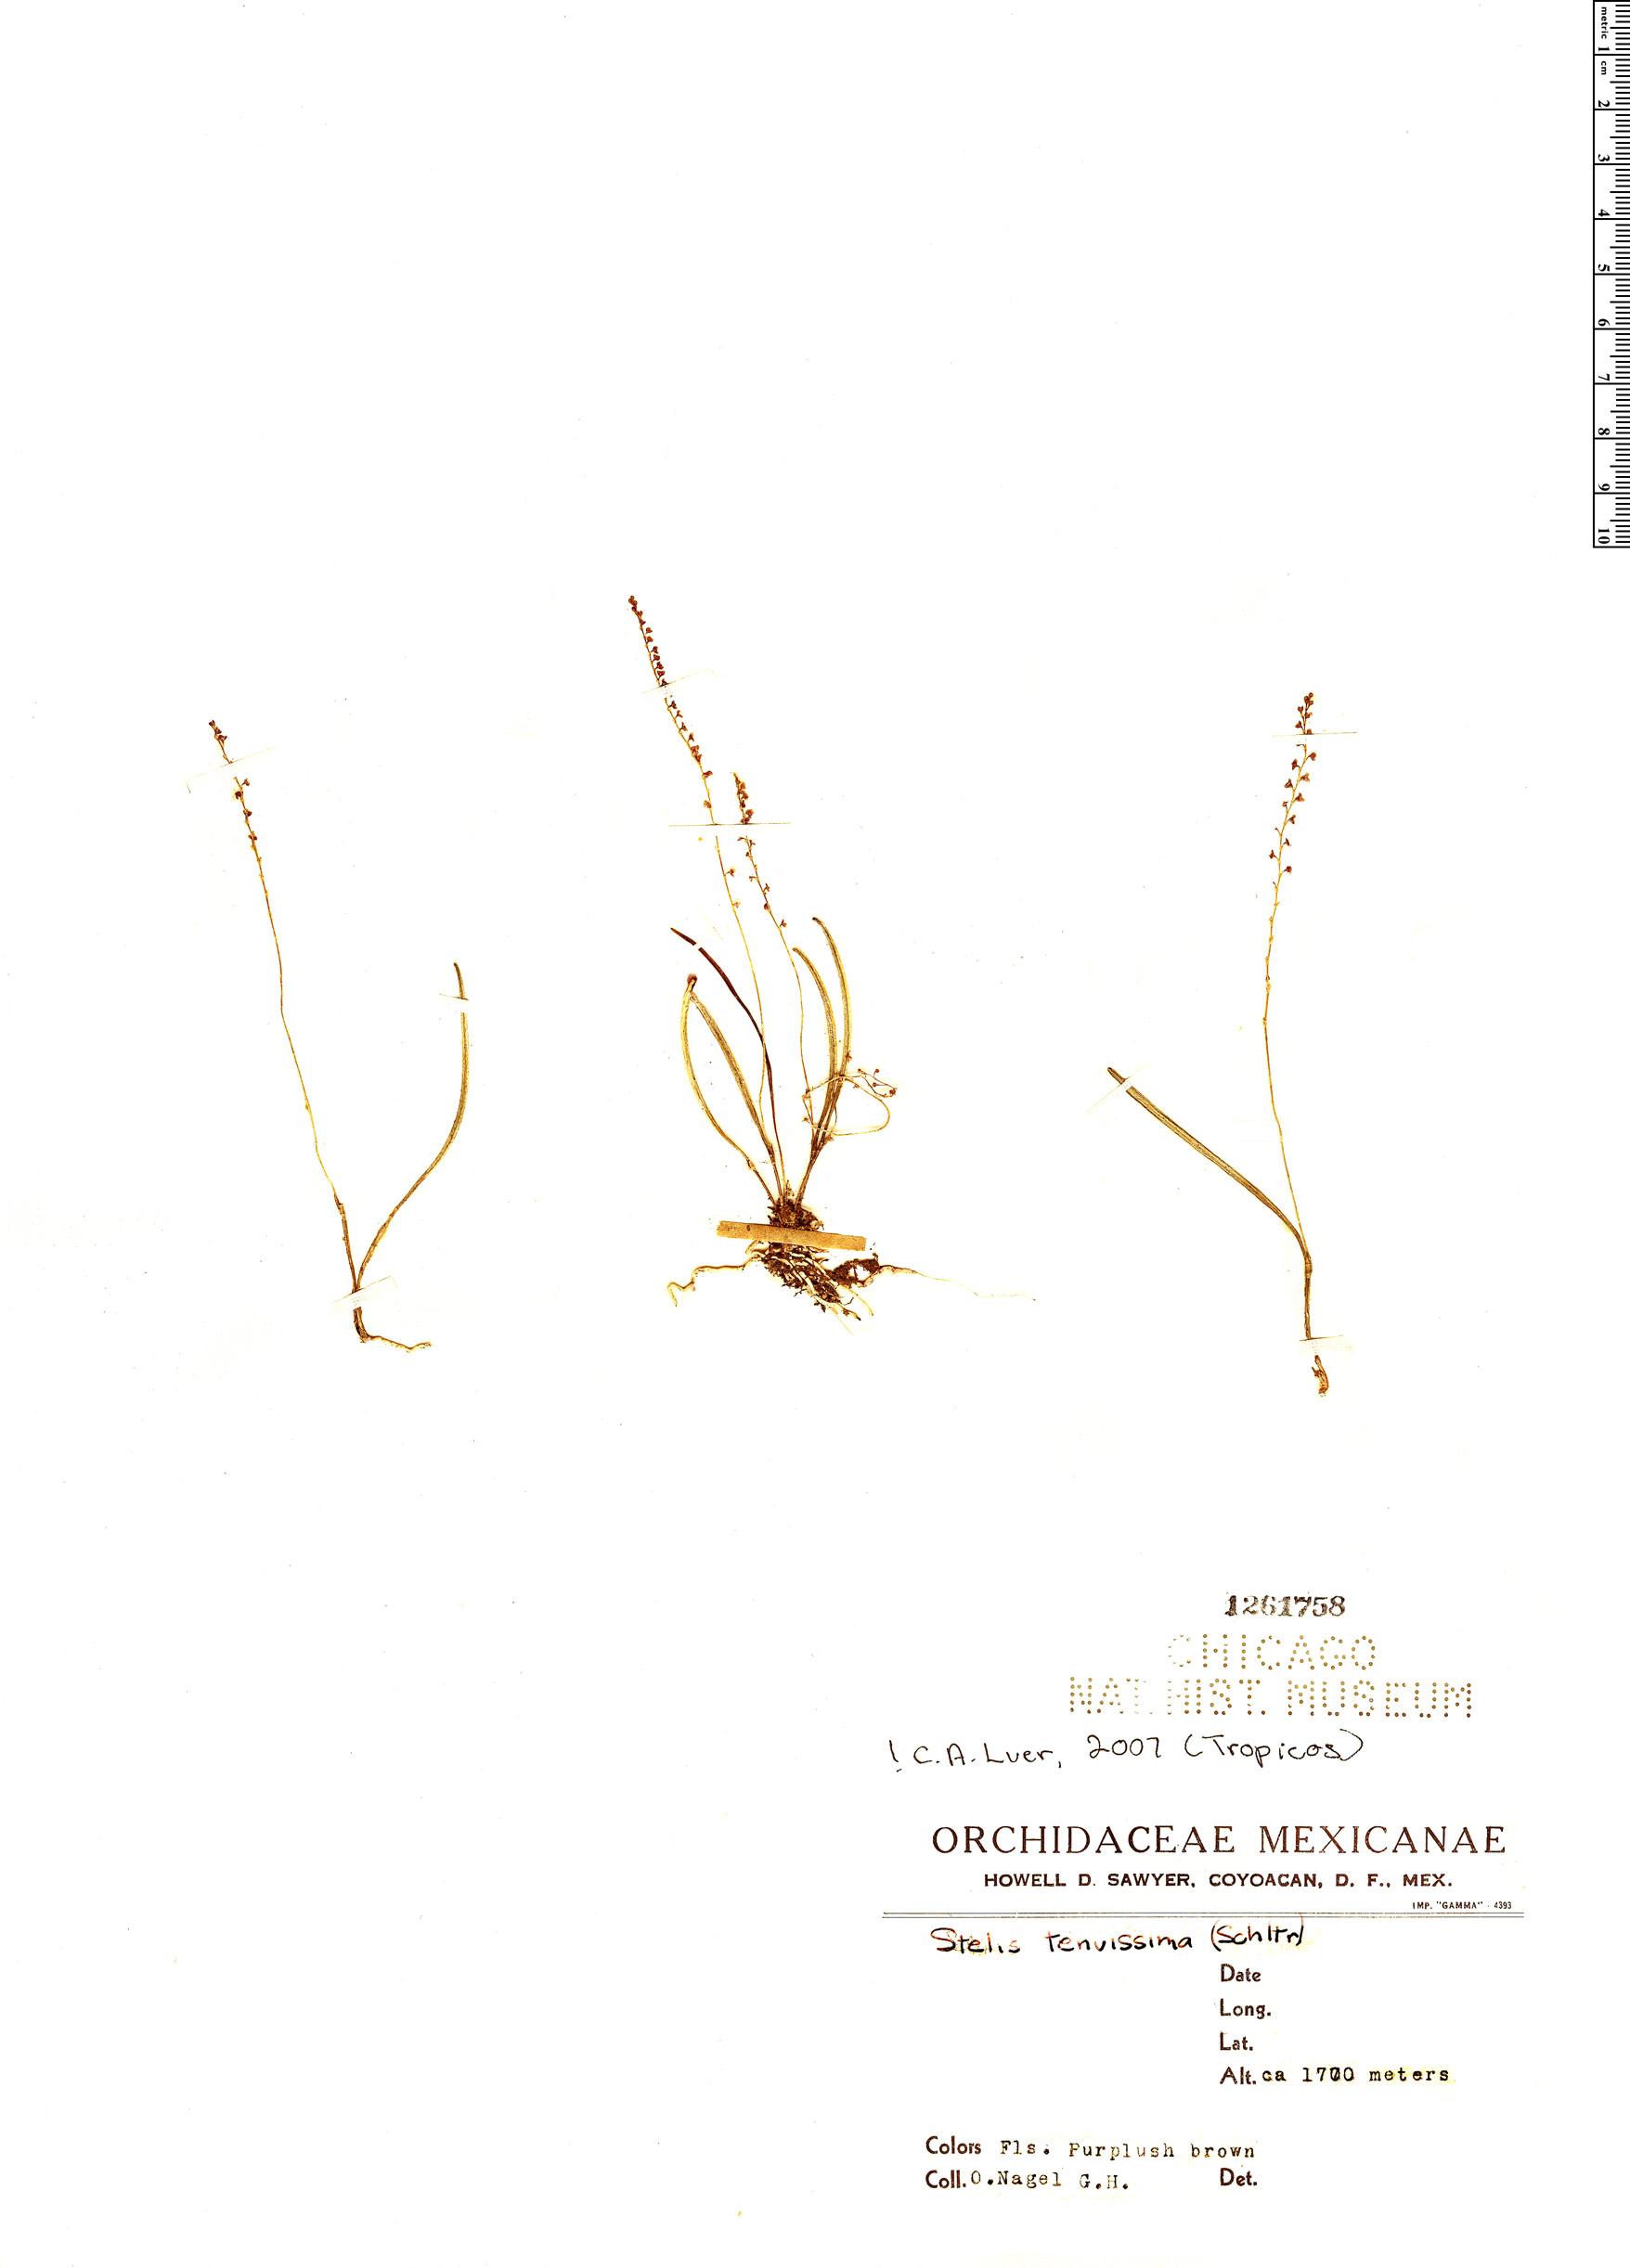 Specimen: Stelis tenuissima